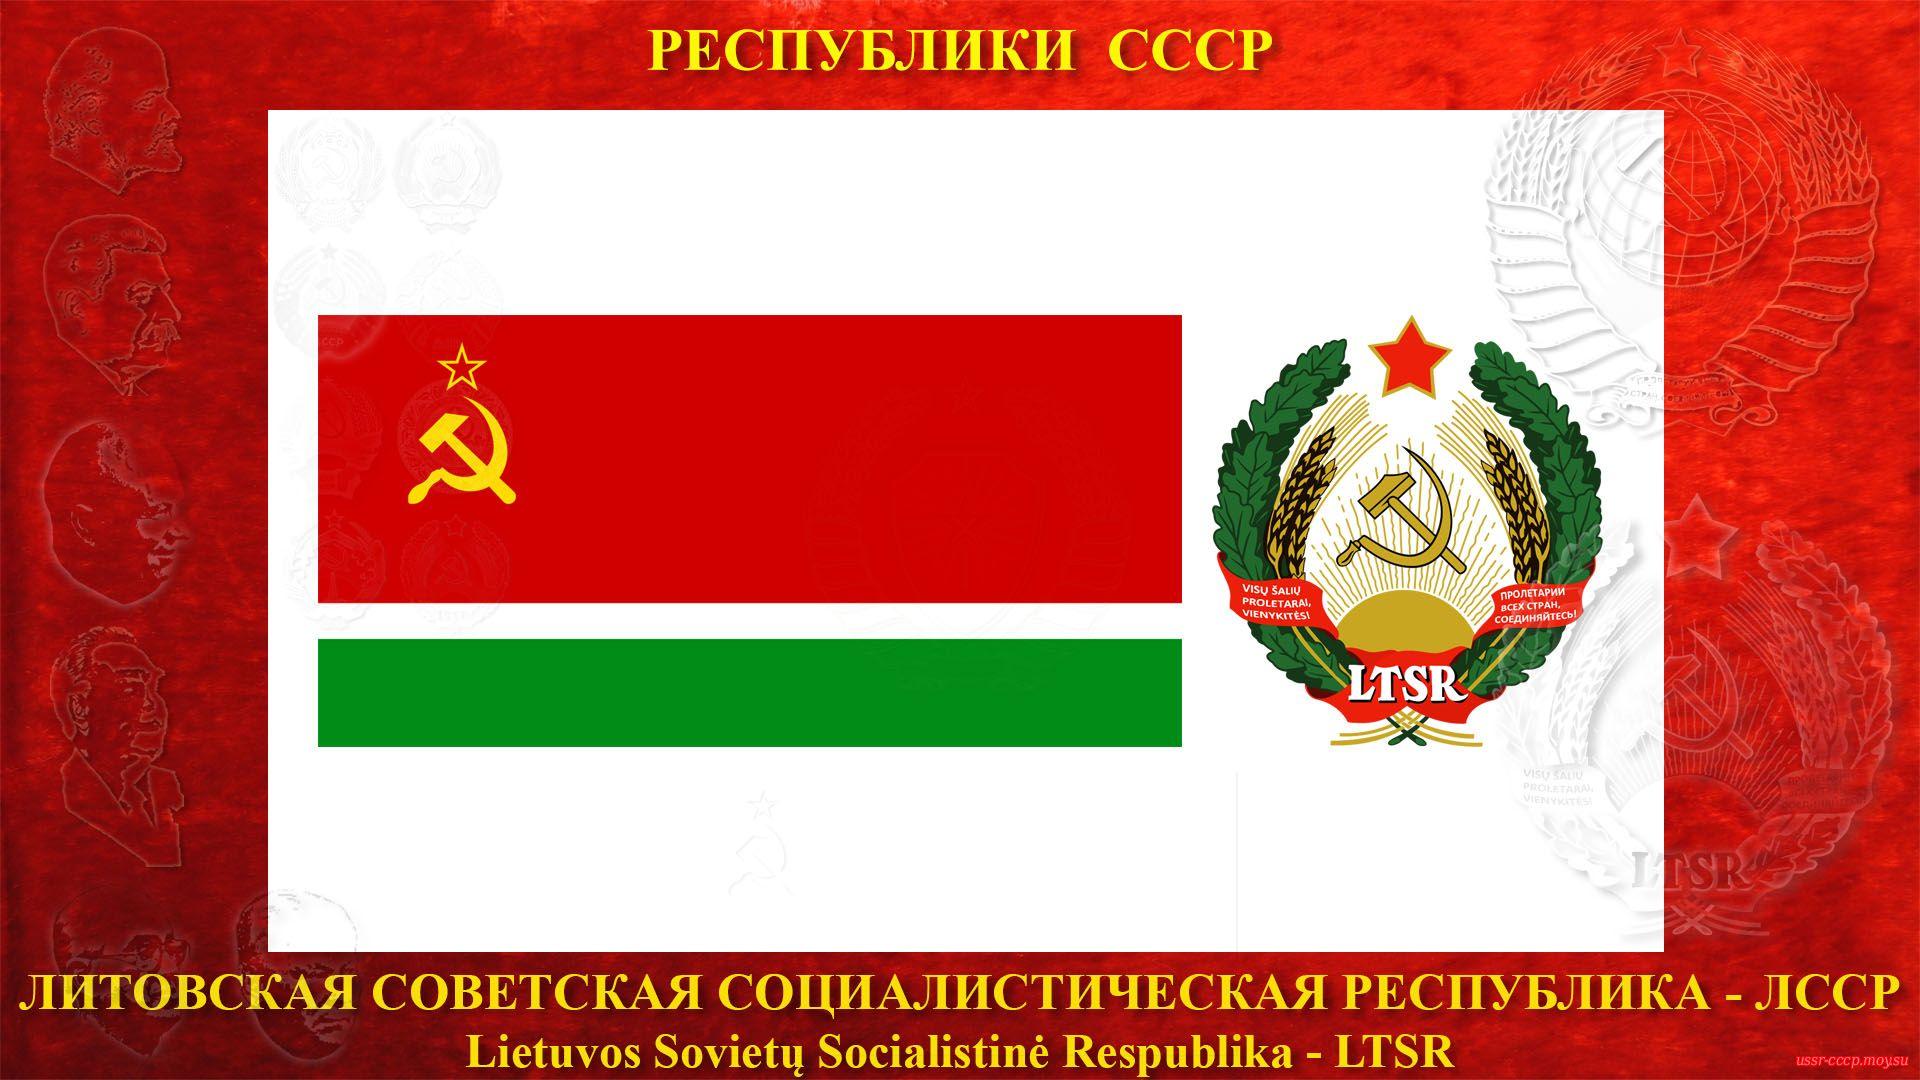 ЛССР — Литовская Советская Социалистическая Республика (03.08.1940 — де-юре)